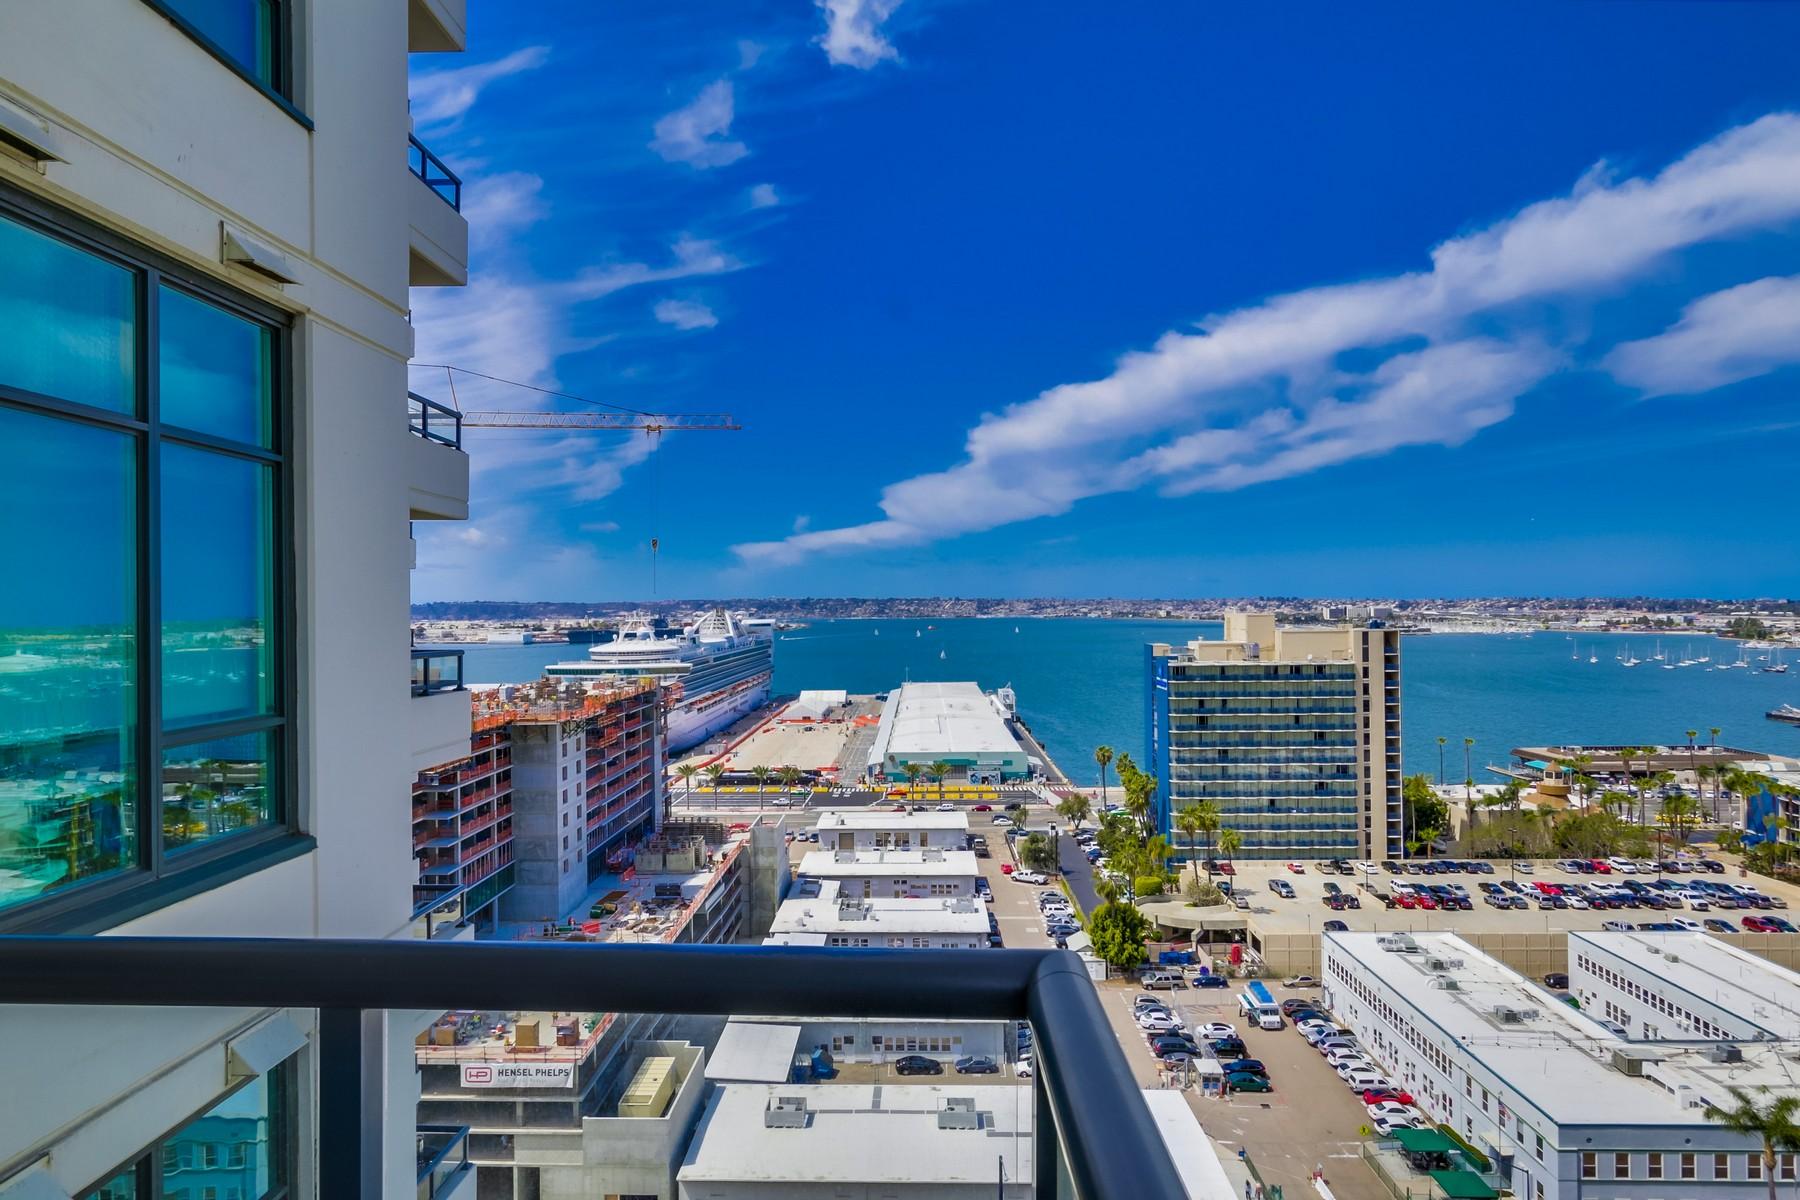 Eigentumswohnung für Verkauf beim 1199 Pacific Hwy 1702 San Diego, Kalifornien 92101 Vereinigte Staaten